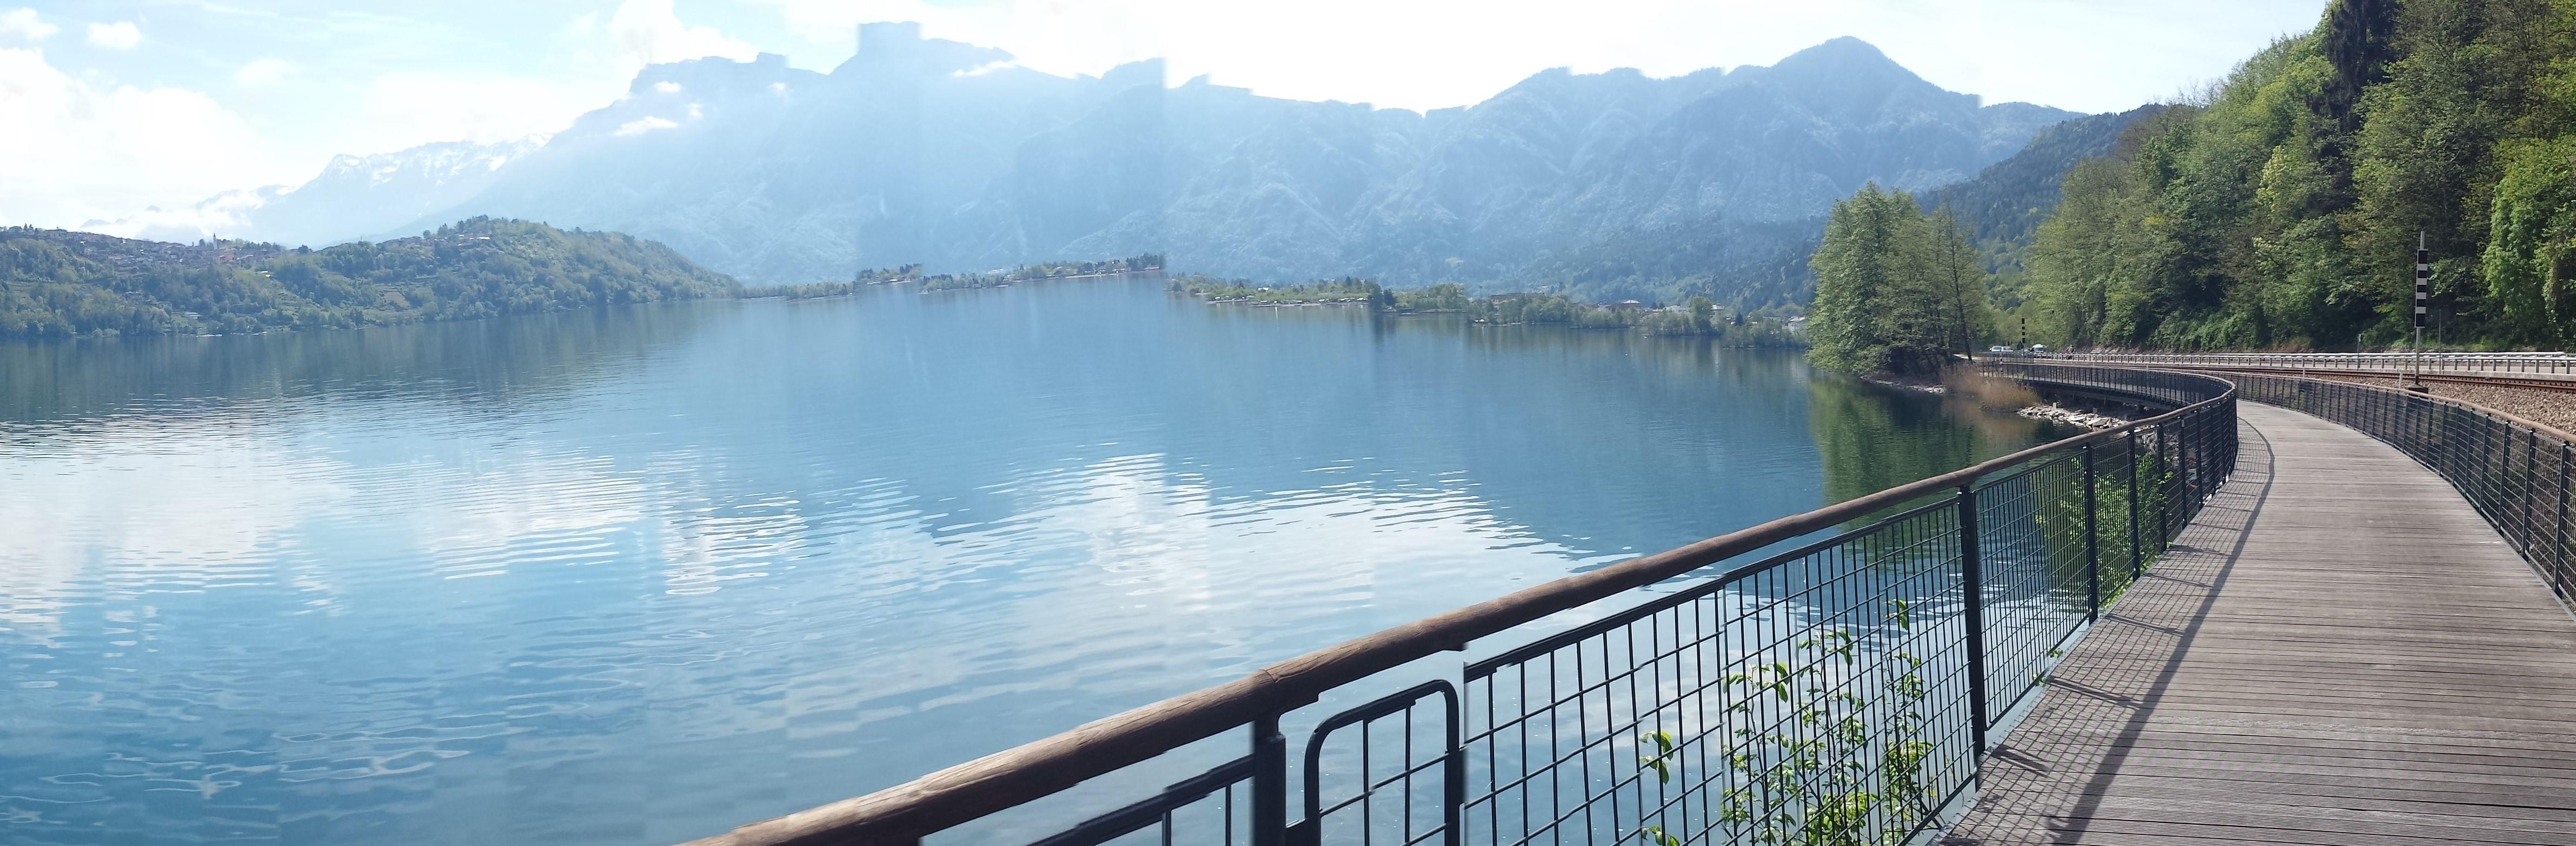 ciclabile sospesa sul lago con montagne sullo sfondo